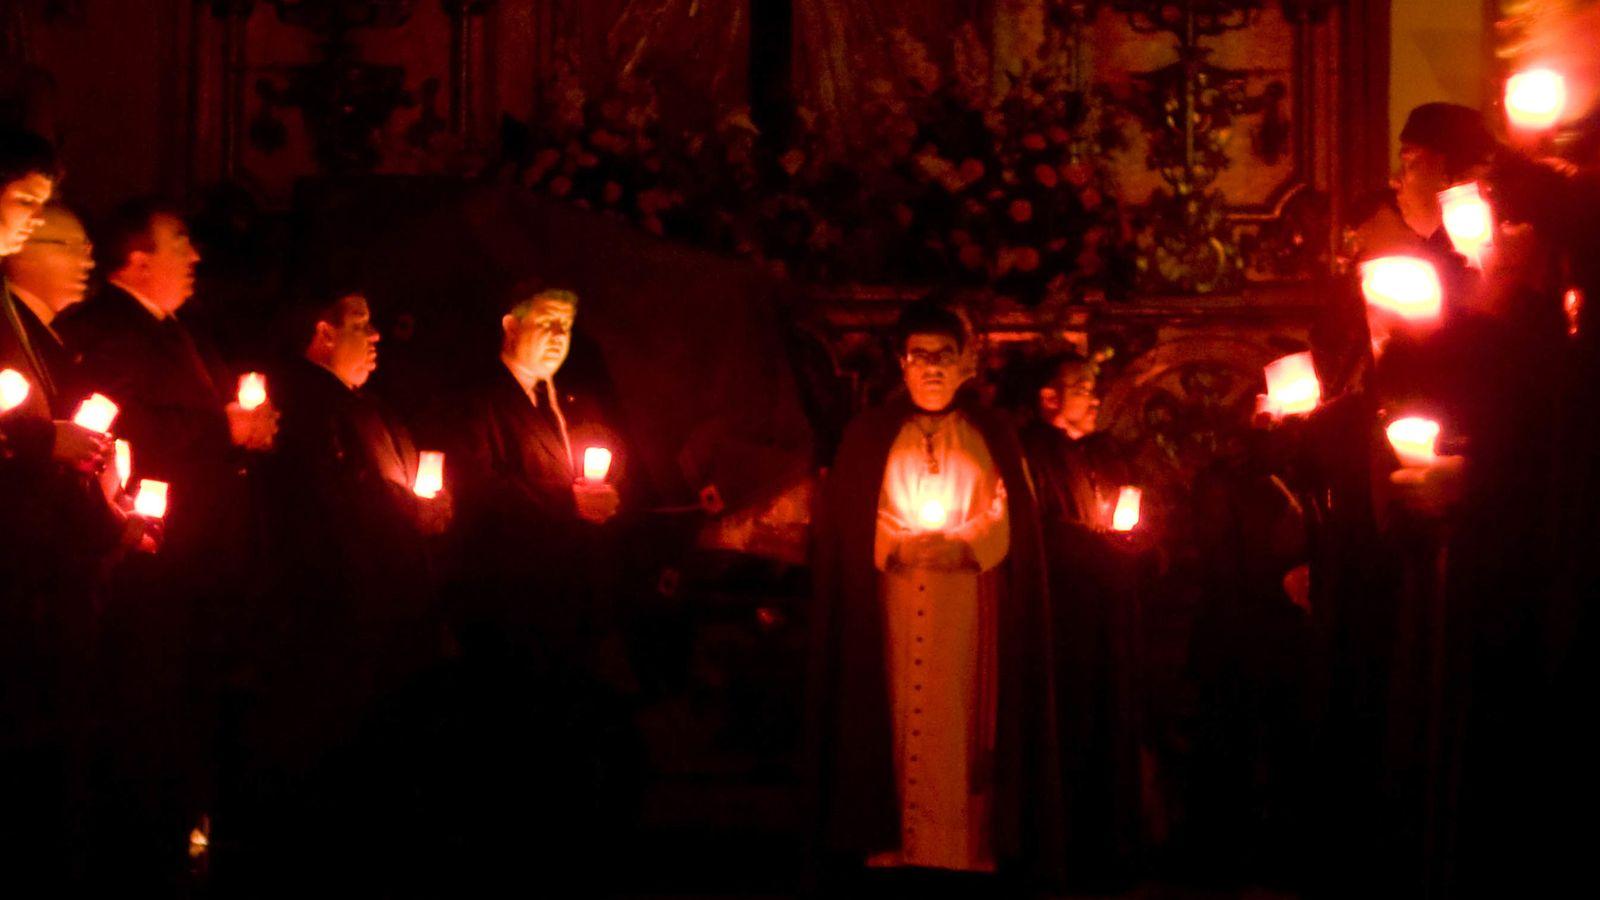 Foto: Los hermanos de la Sangre de Cristo sostienen velas durante una ceremonia en su capilla. (Jorge Sesé)